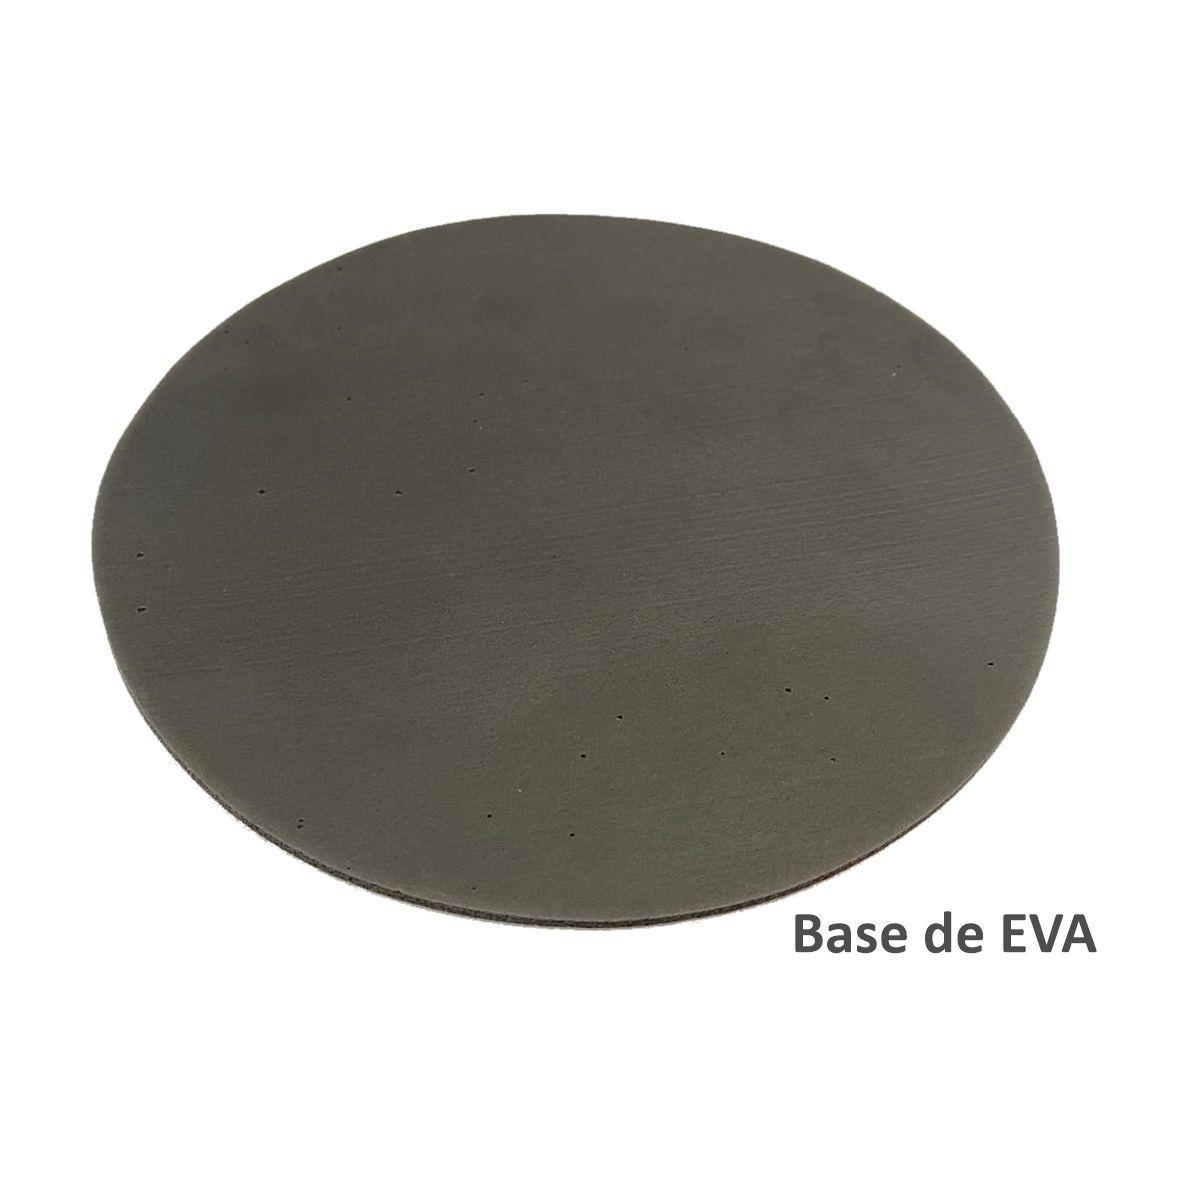 MOUSE PAD BRANCO PARA SUBLIMAÇÃO - MODELO: REDONDO 20CM (BASE DE EVA)